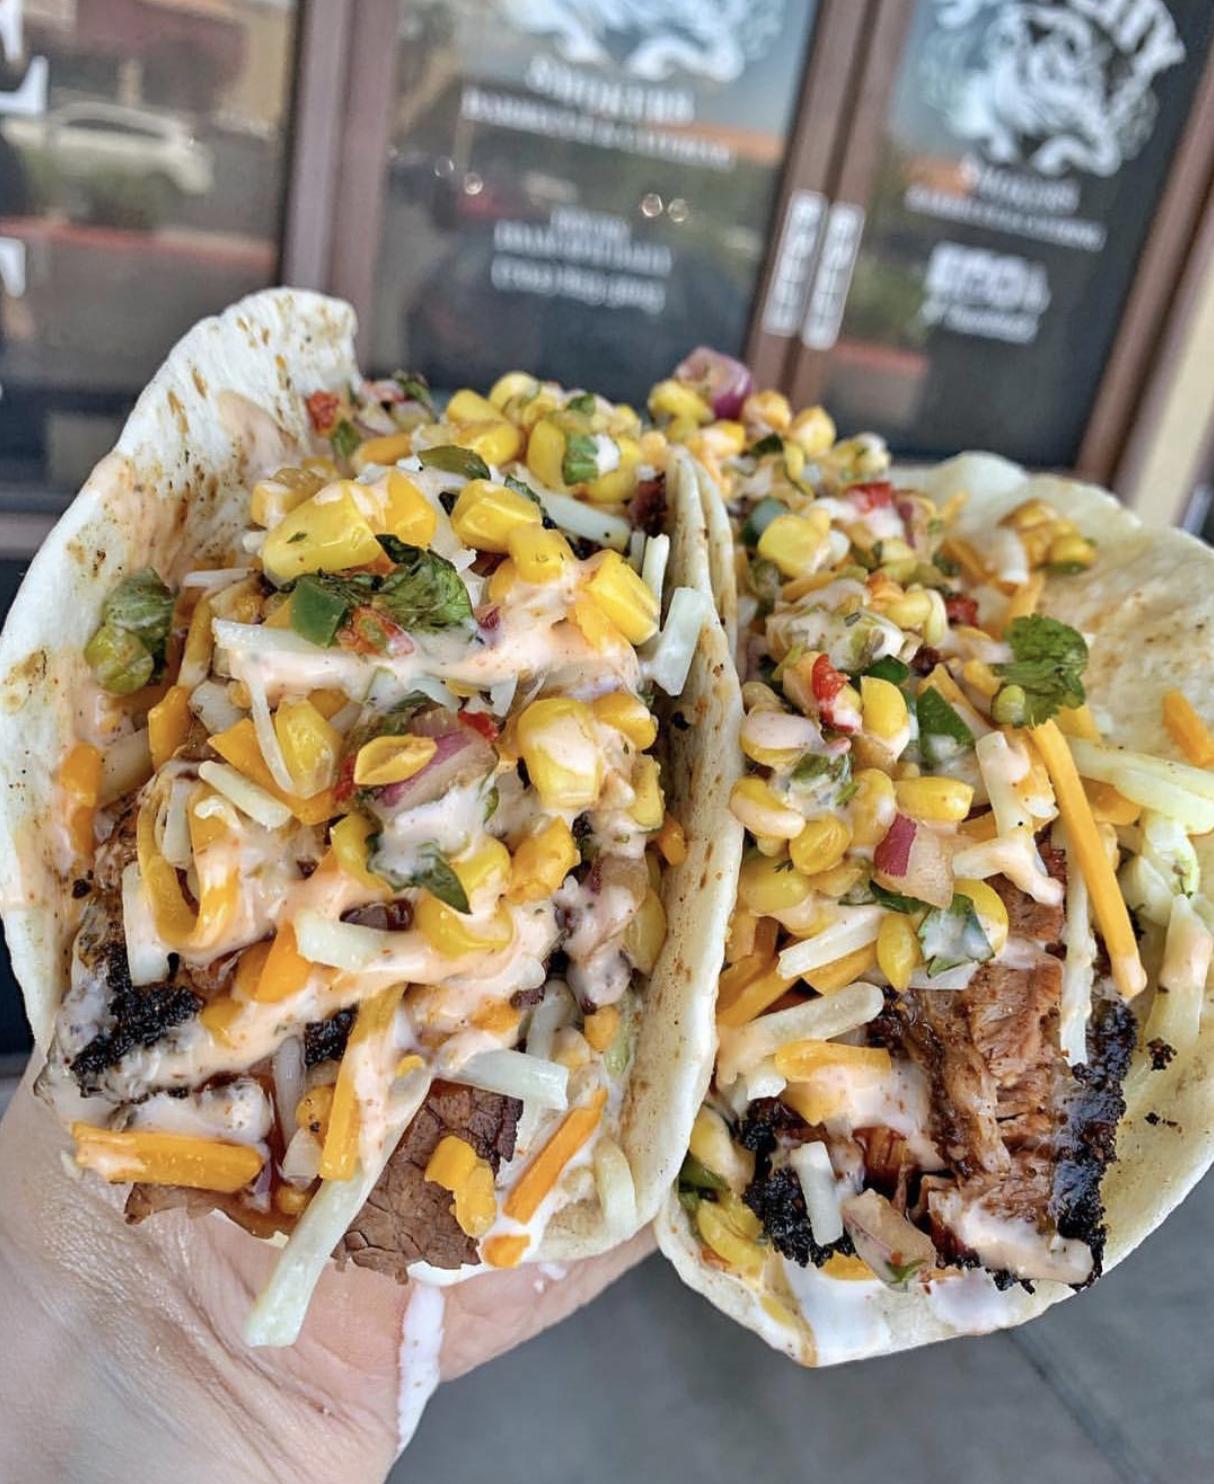 PHOTO VIA: @devour.tacos.